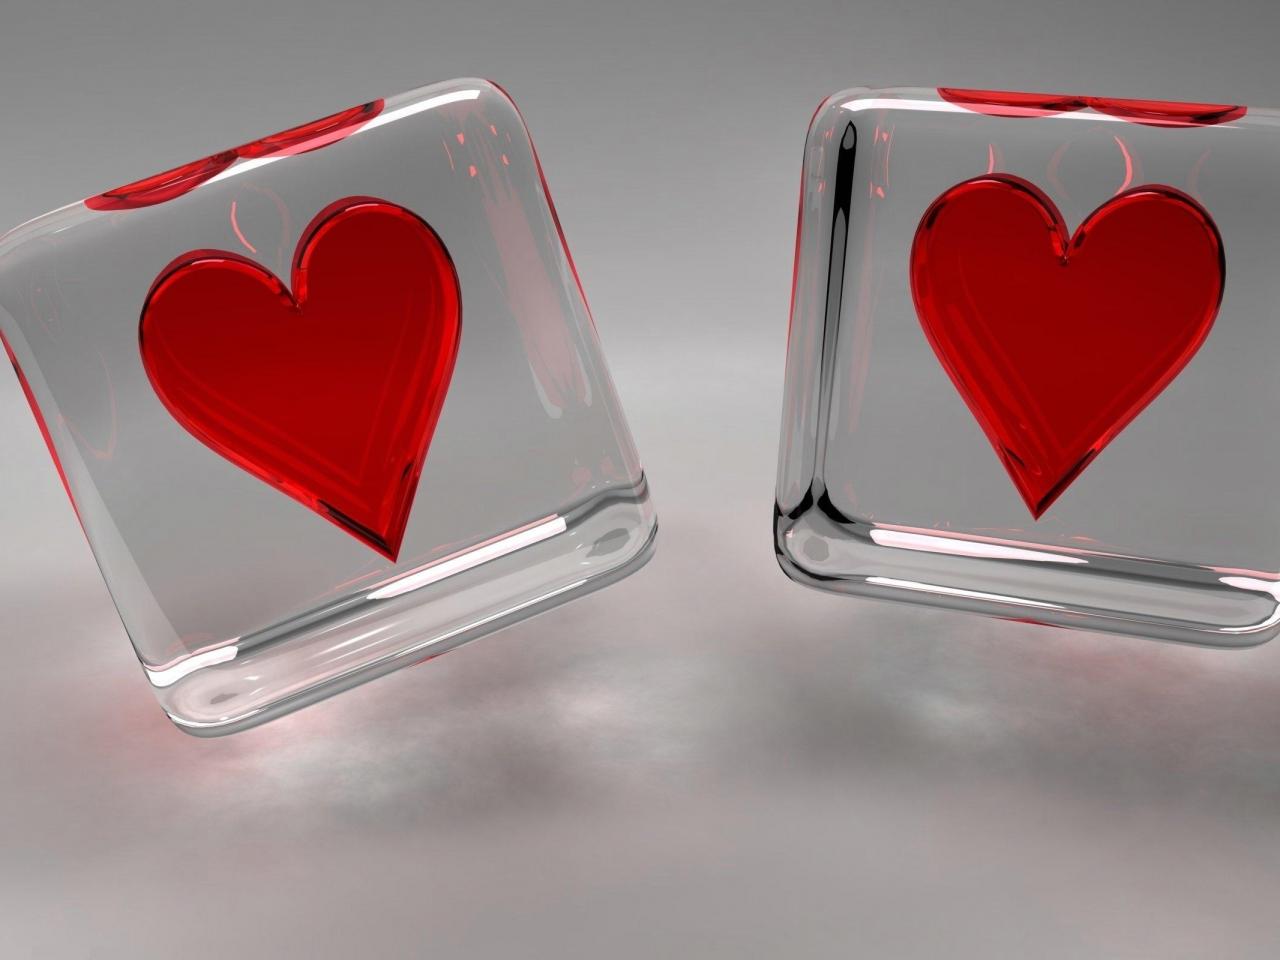 Dados de corazones - 1280x960